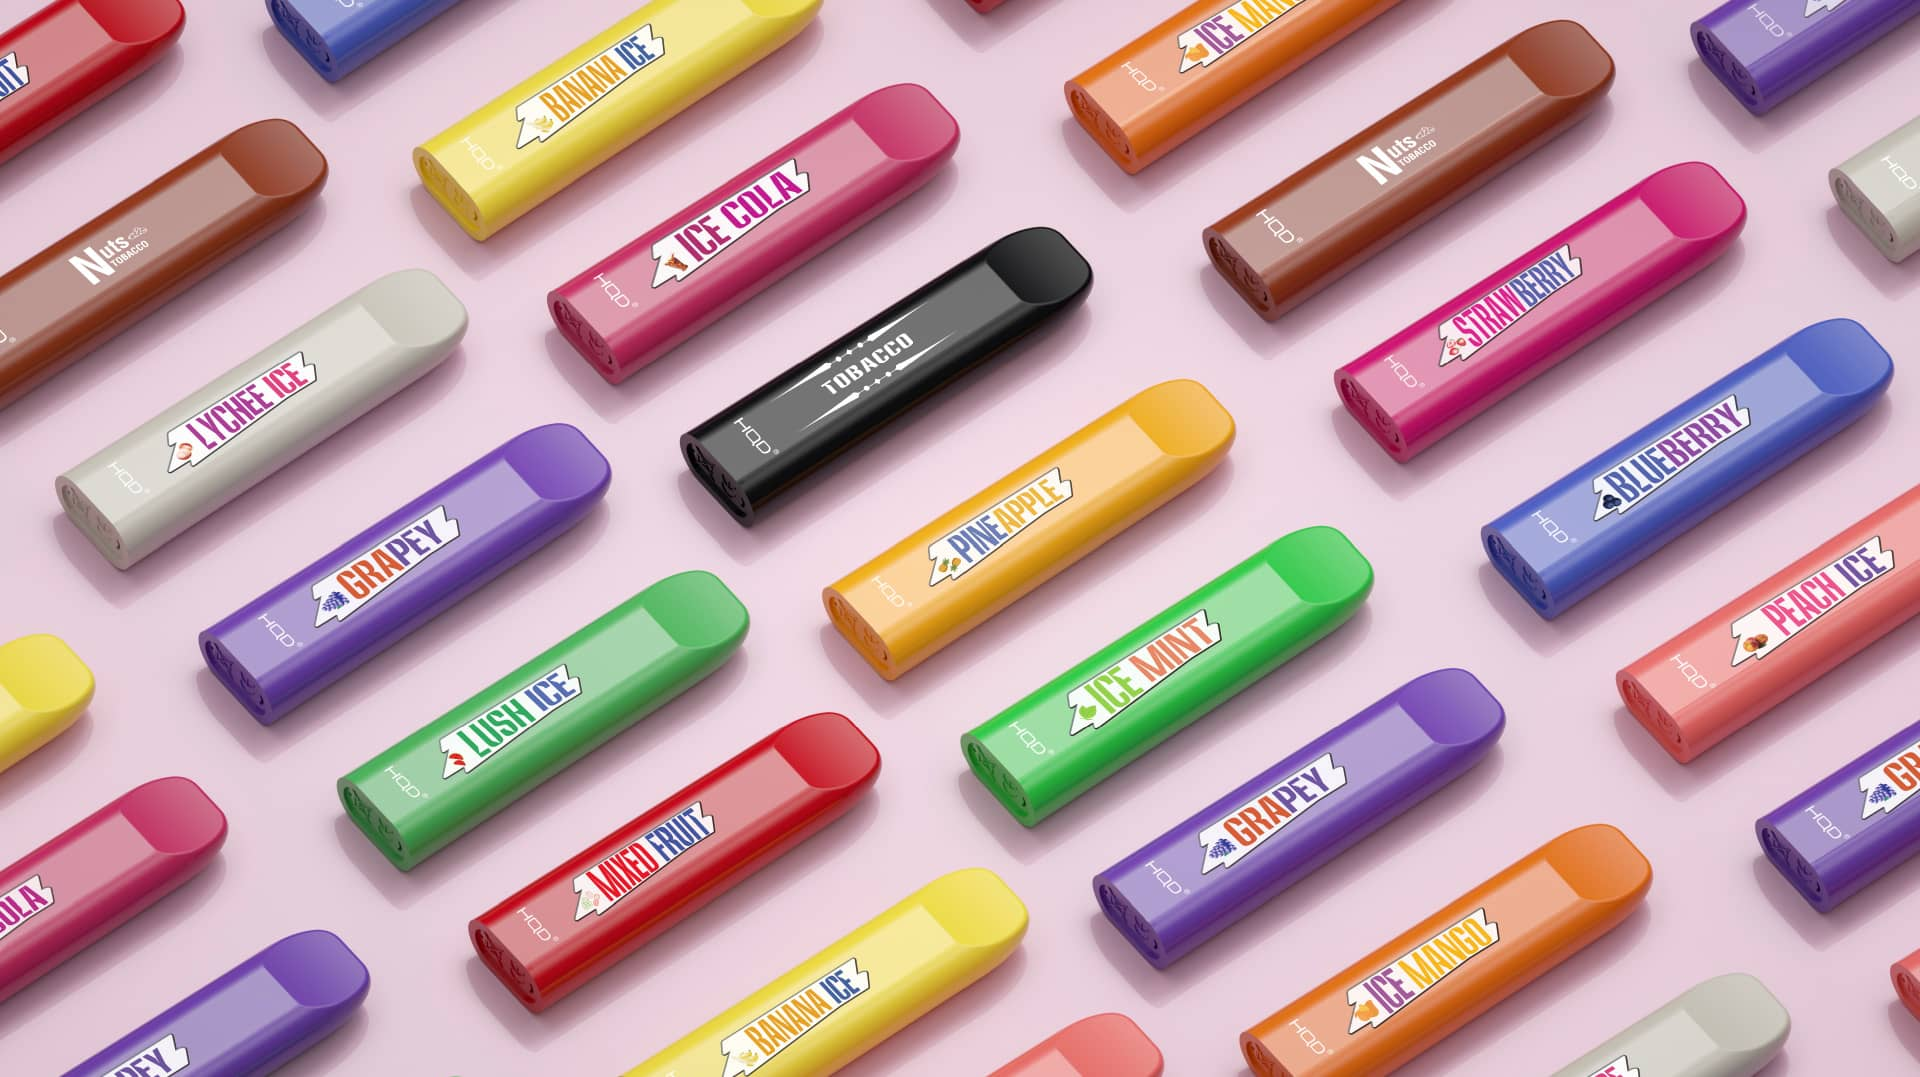 электронные сигареты одноразовые ташкент